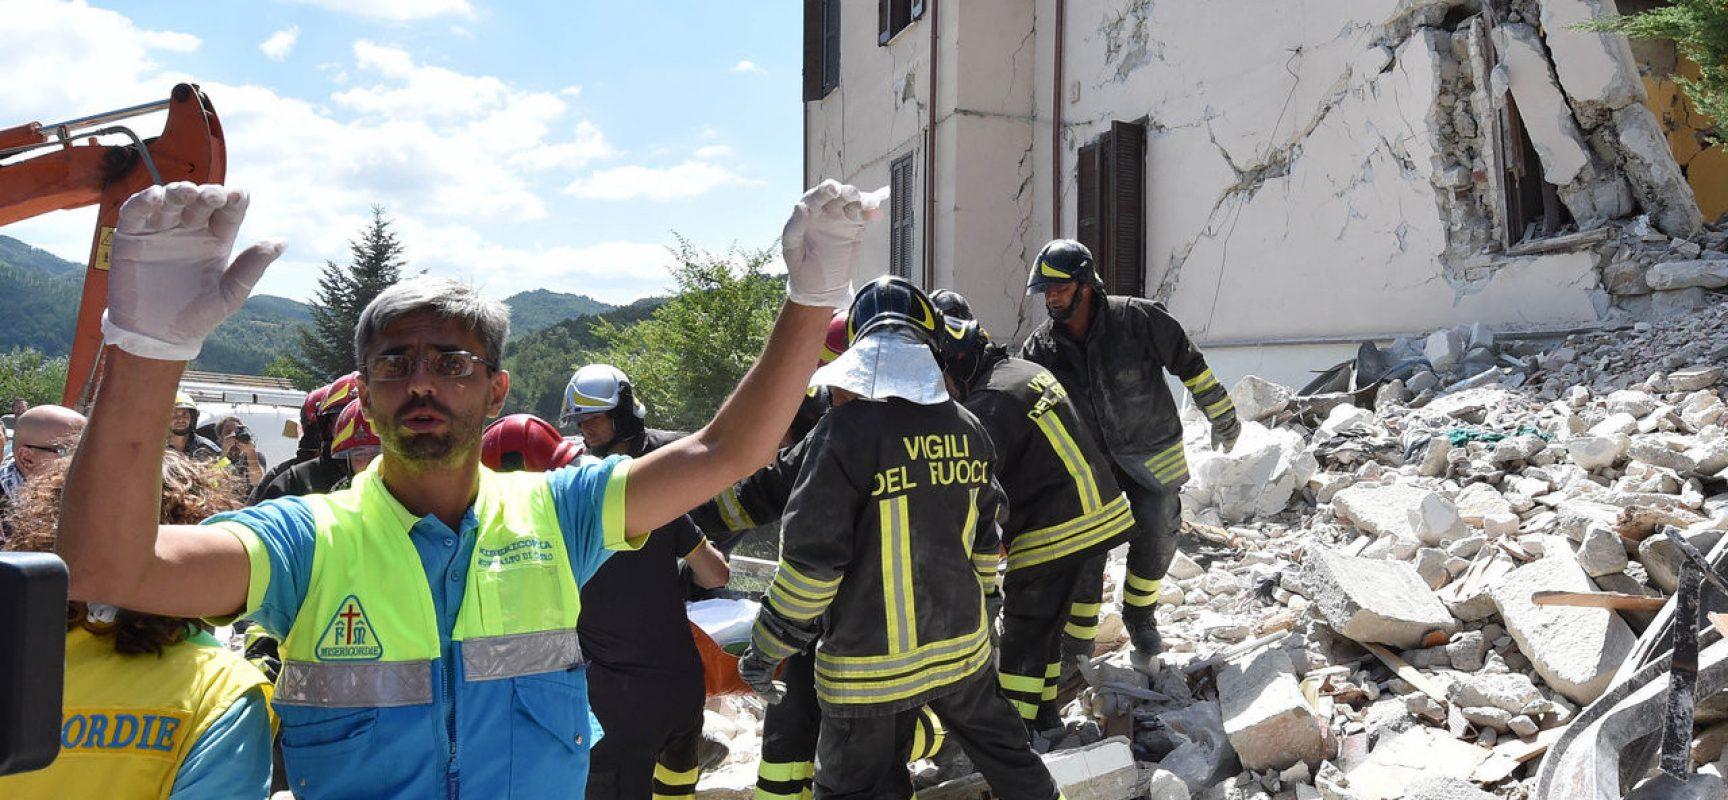 Fake : Putin invia 10.000 uomini per il terremoto in Italia